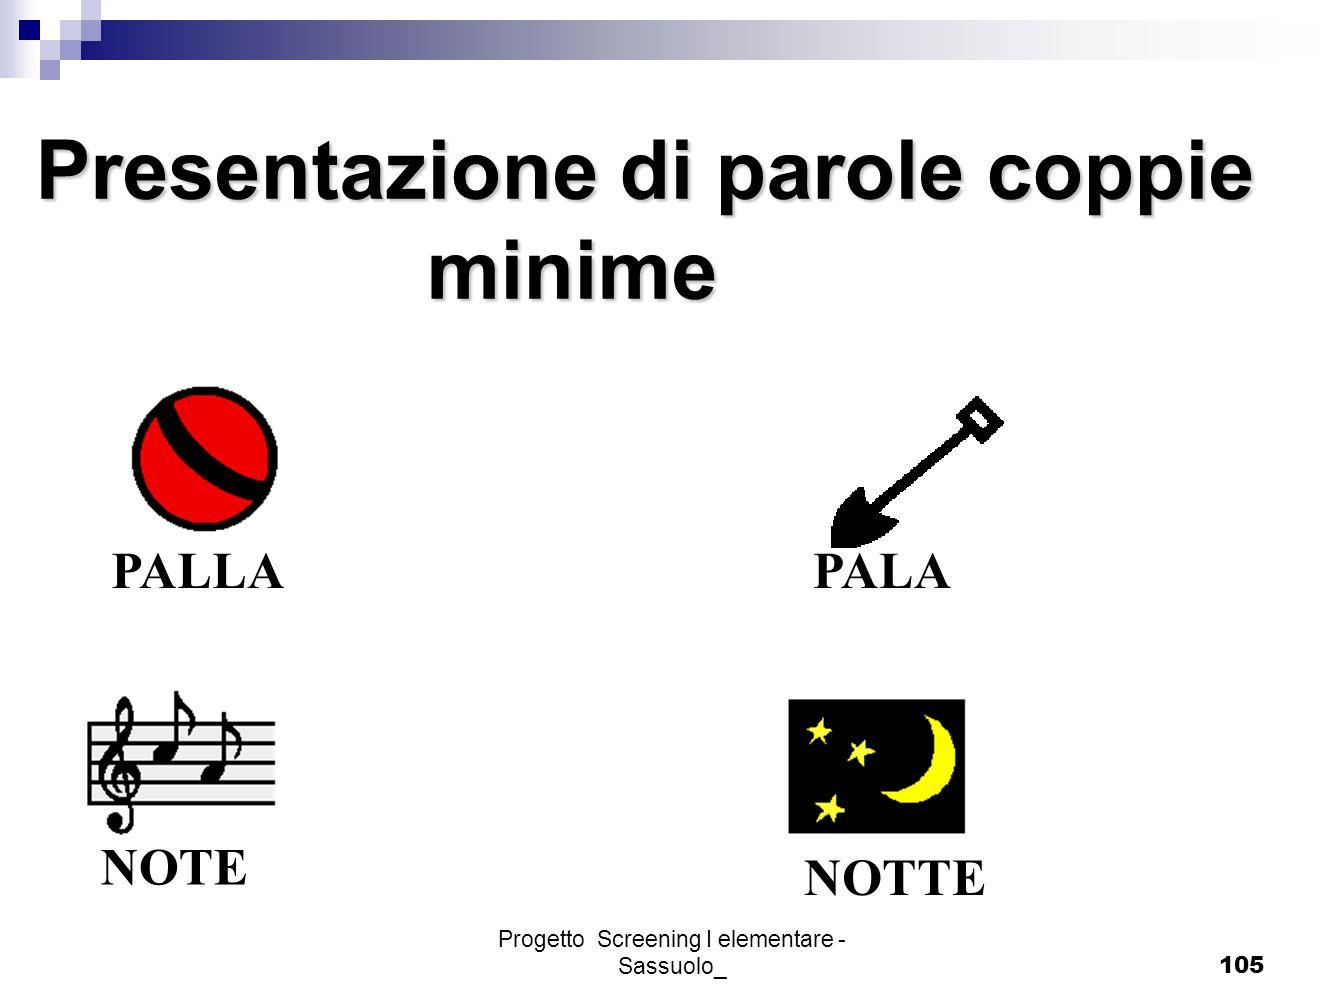 Progetto Screening I elementare - Sassuolo_105 Presentazione di parole coppie minime minime PALLA PALANOTE NOTTE